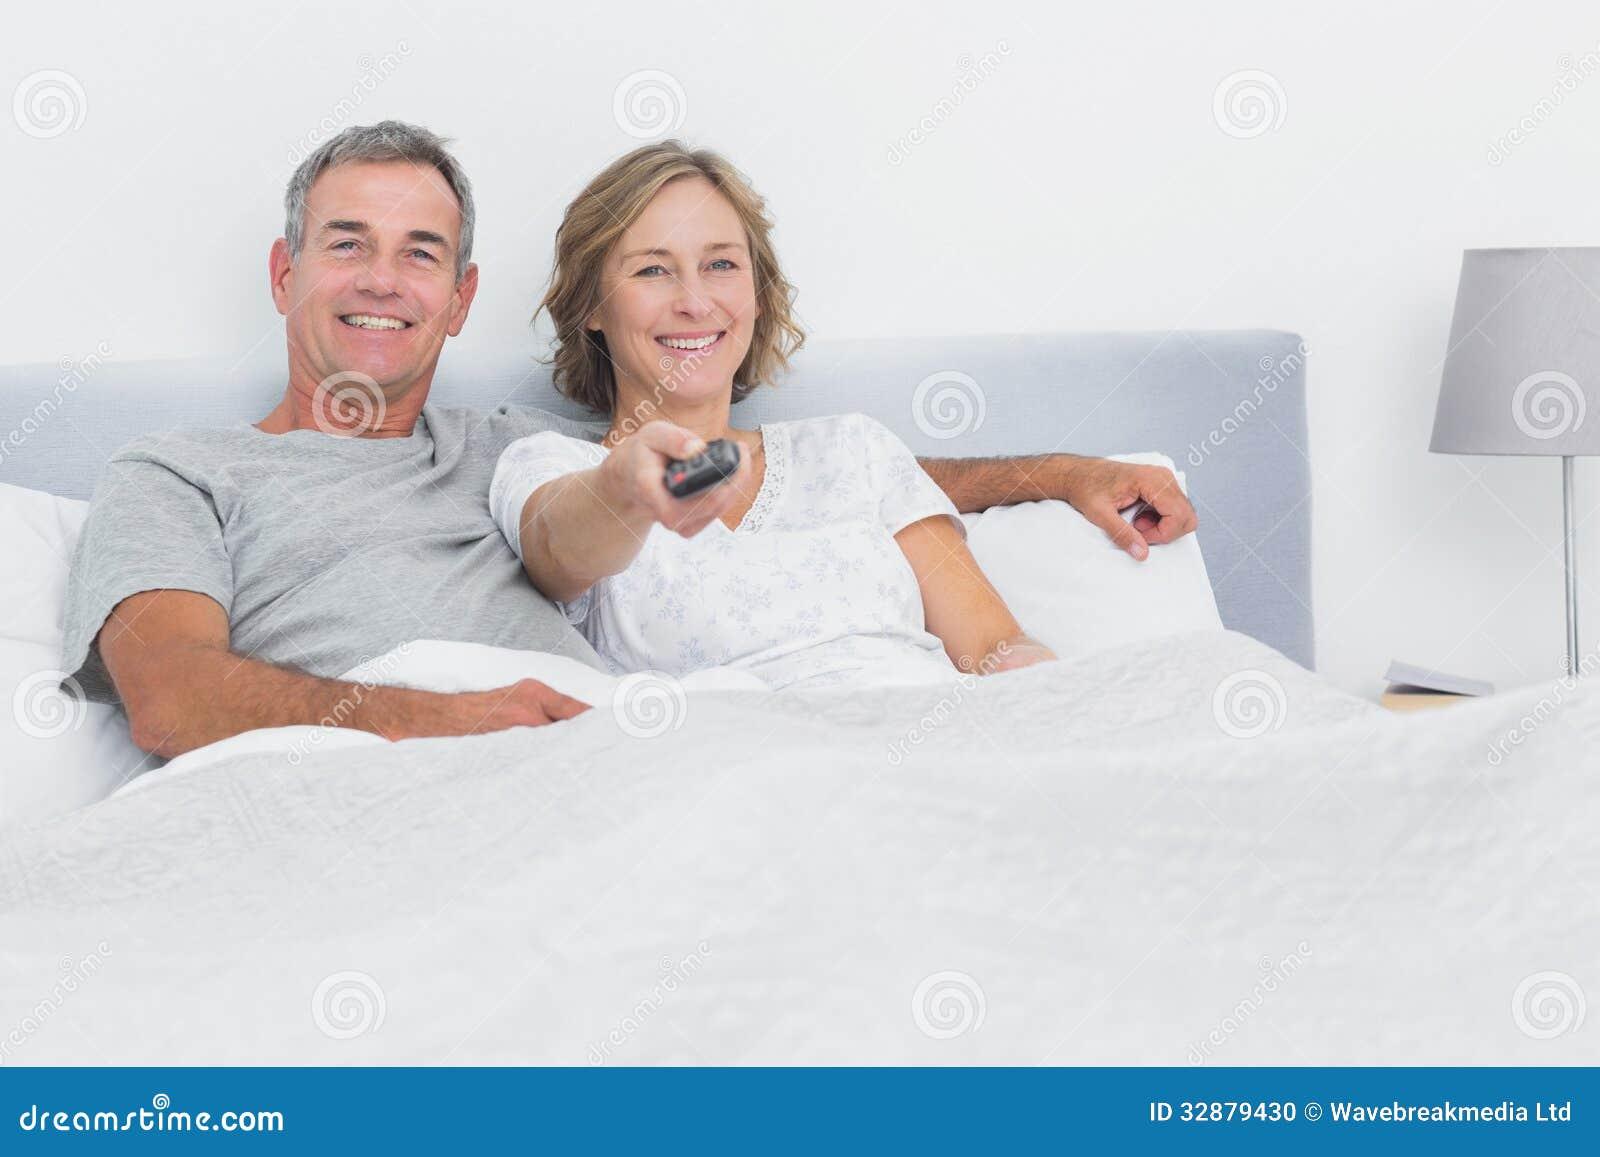 Секс смотря на телевизор 5 фотография